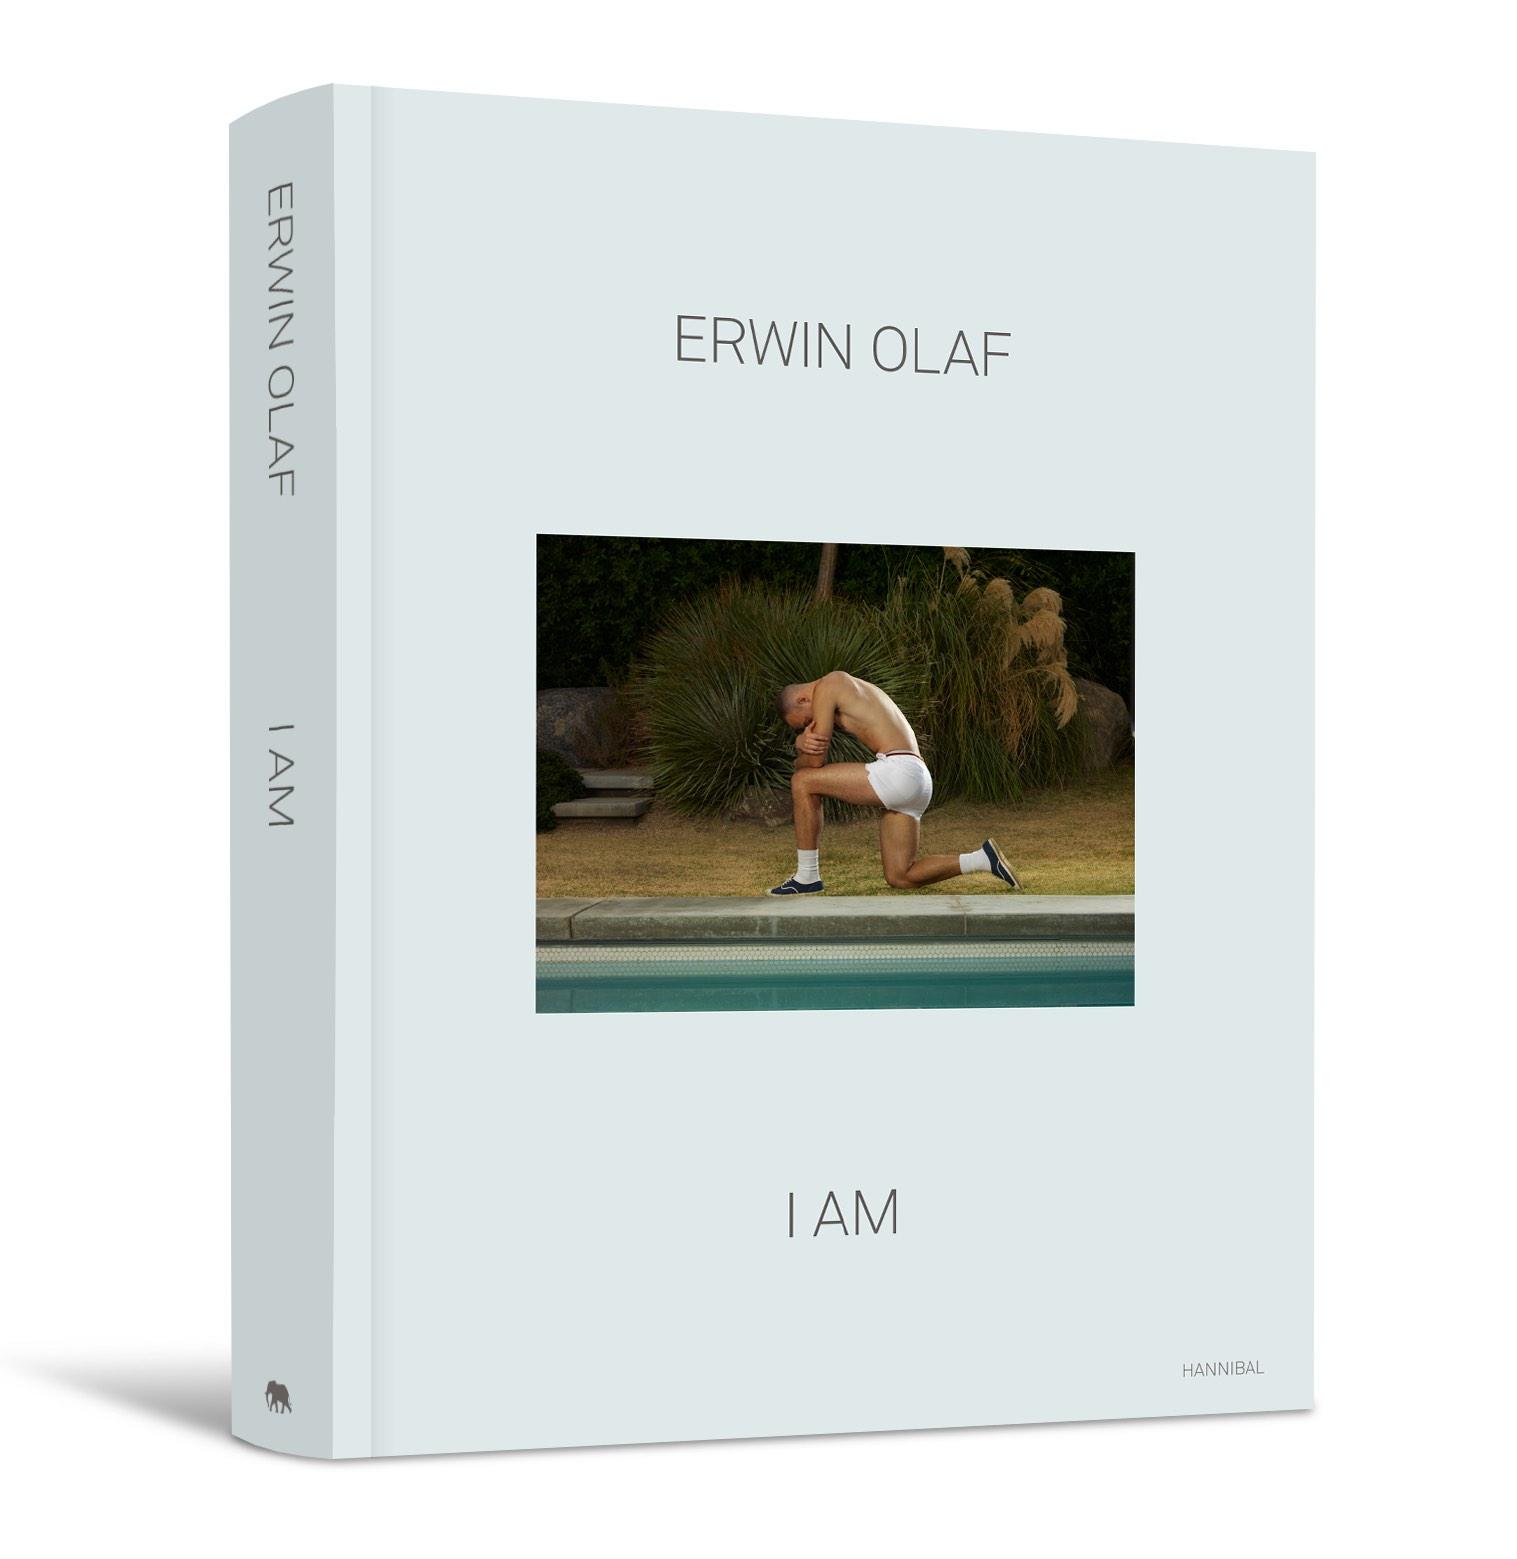 Ultiem overzichtsboek van Erwin Olaf, een van Europa's belangrijkste fotografen: Erwin Olaf - I AM,